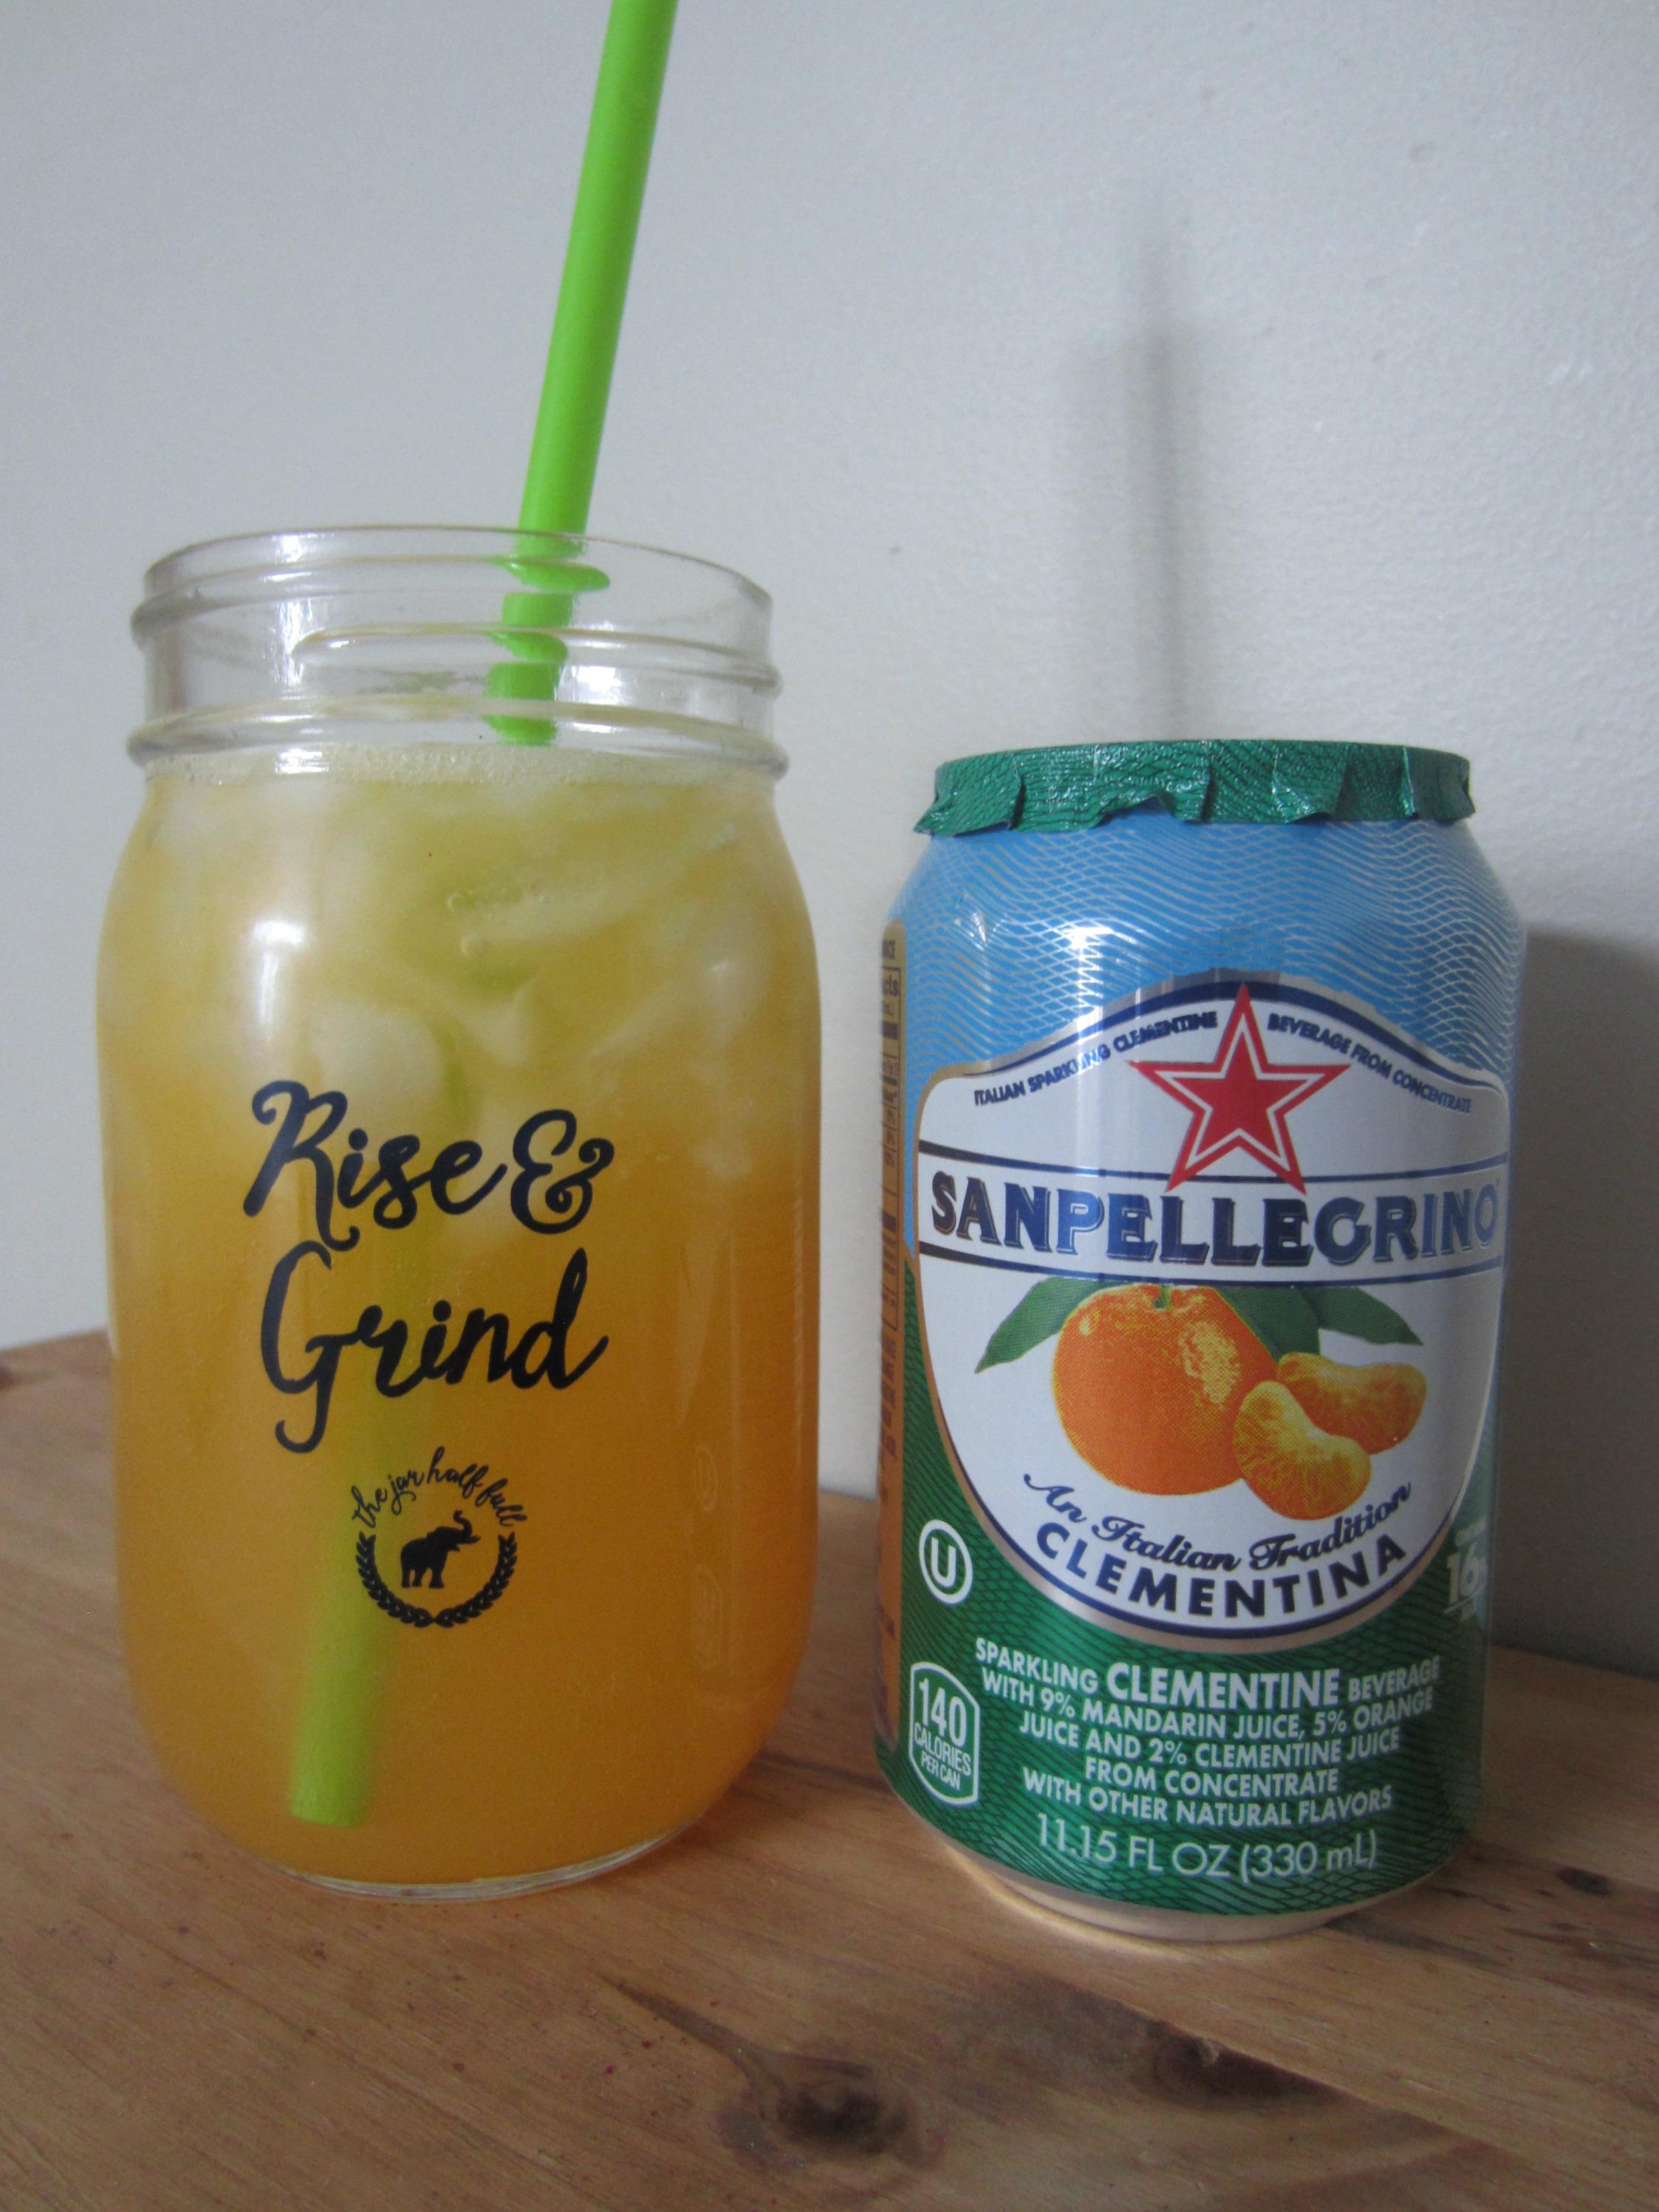 Sanpellegrino sparkling clementine juice